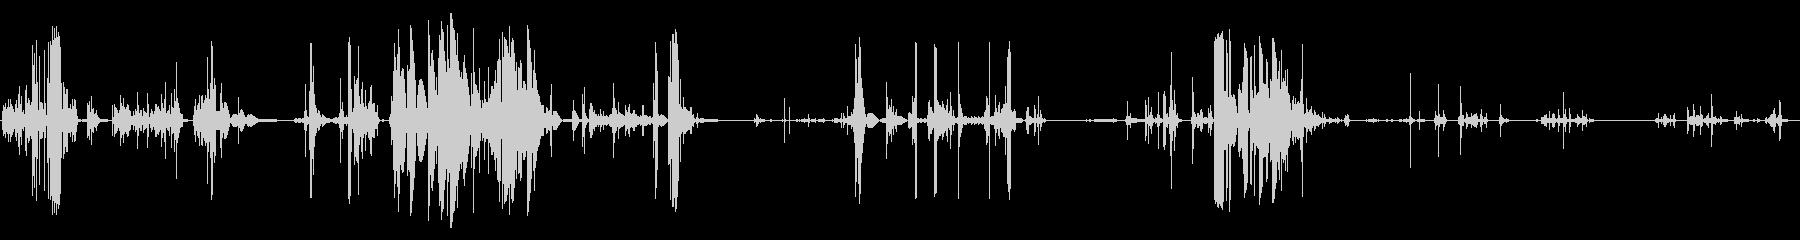 歪みデジタルグリッチの未再生の波形